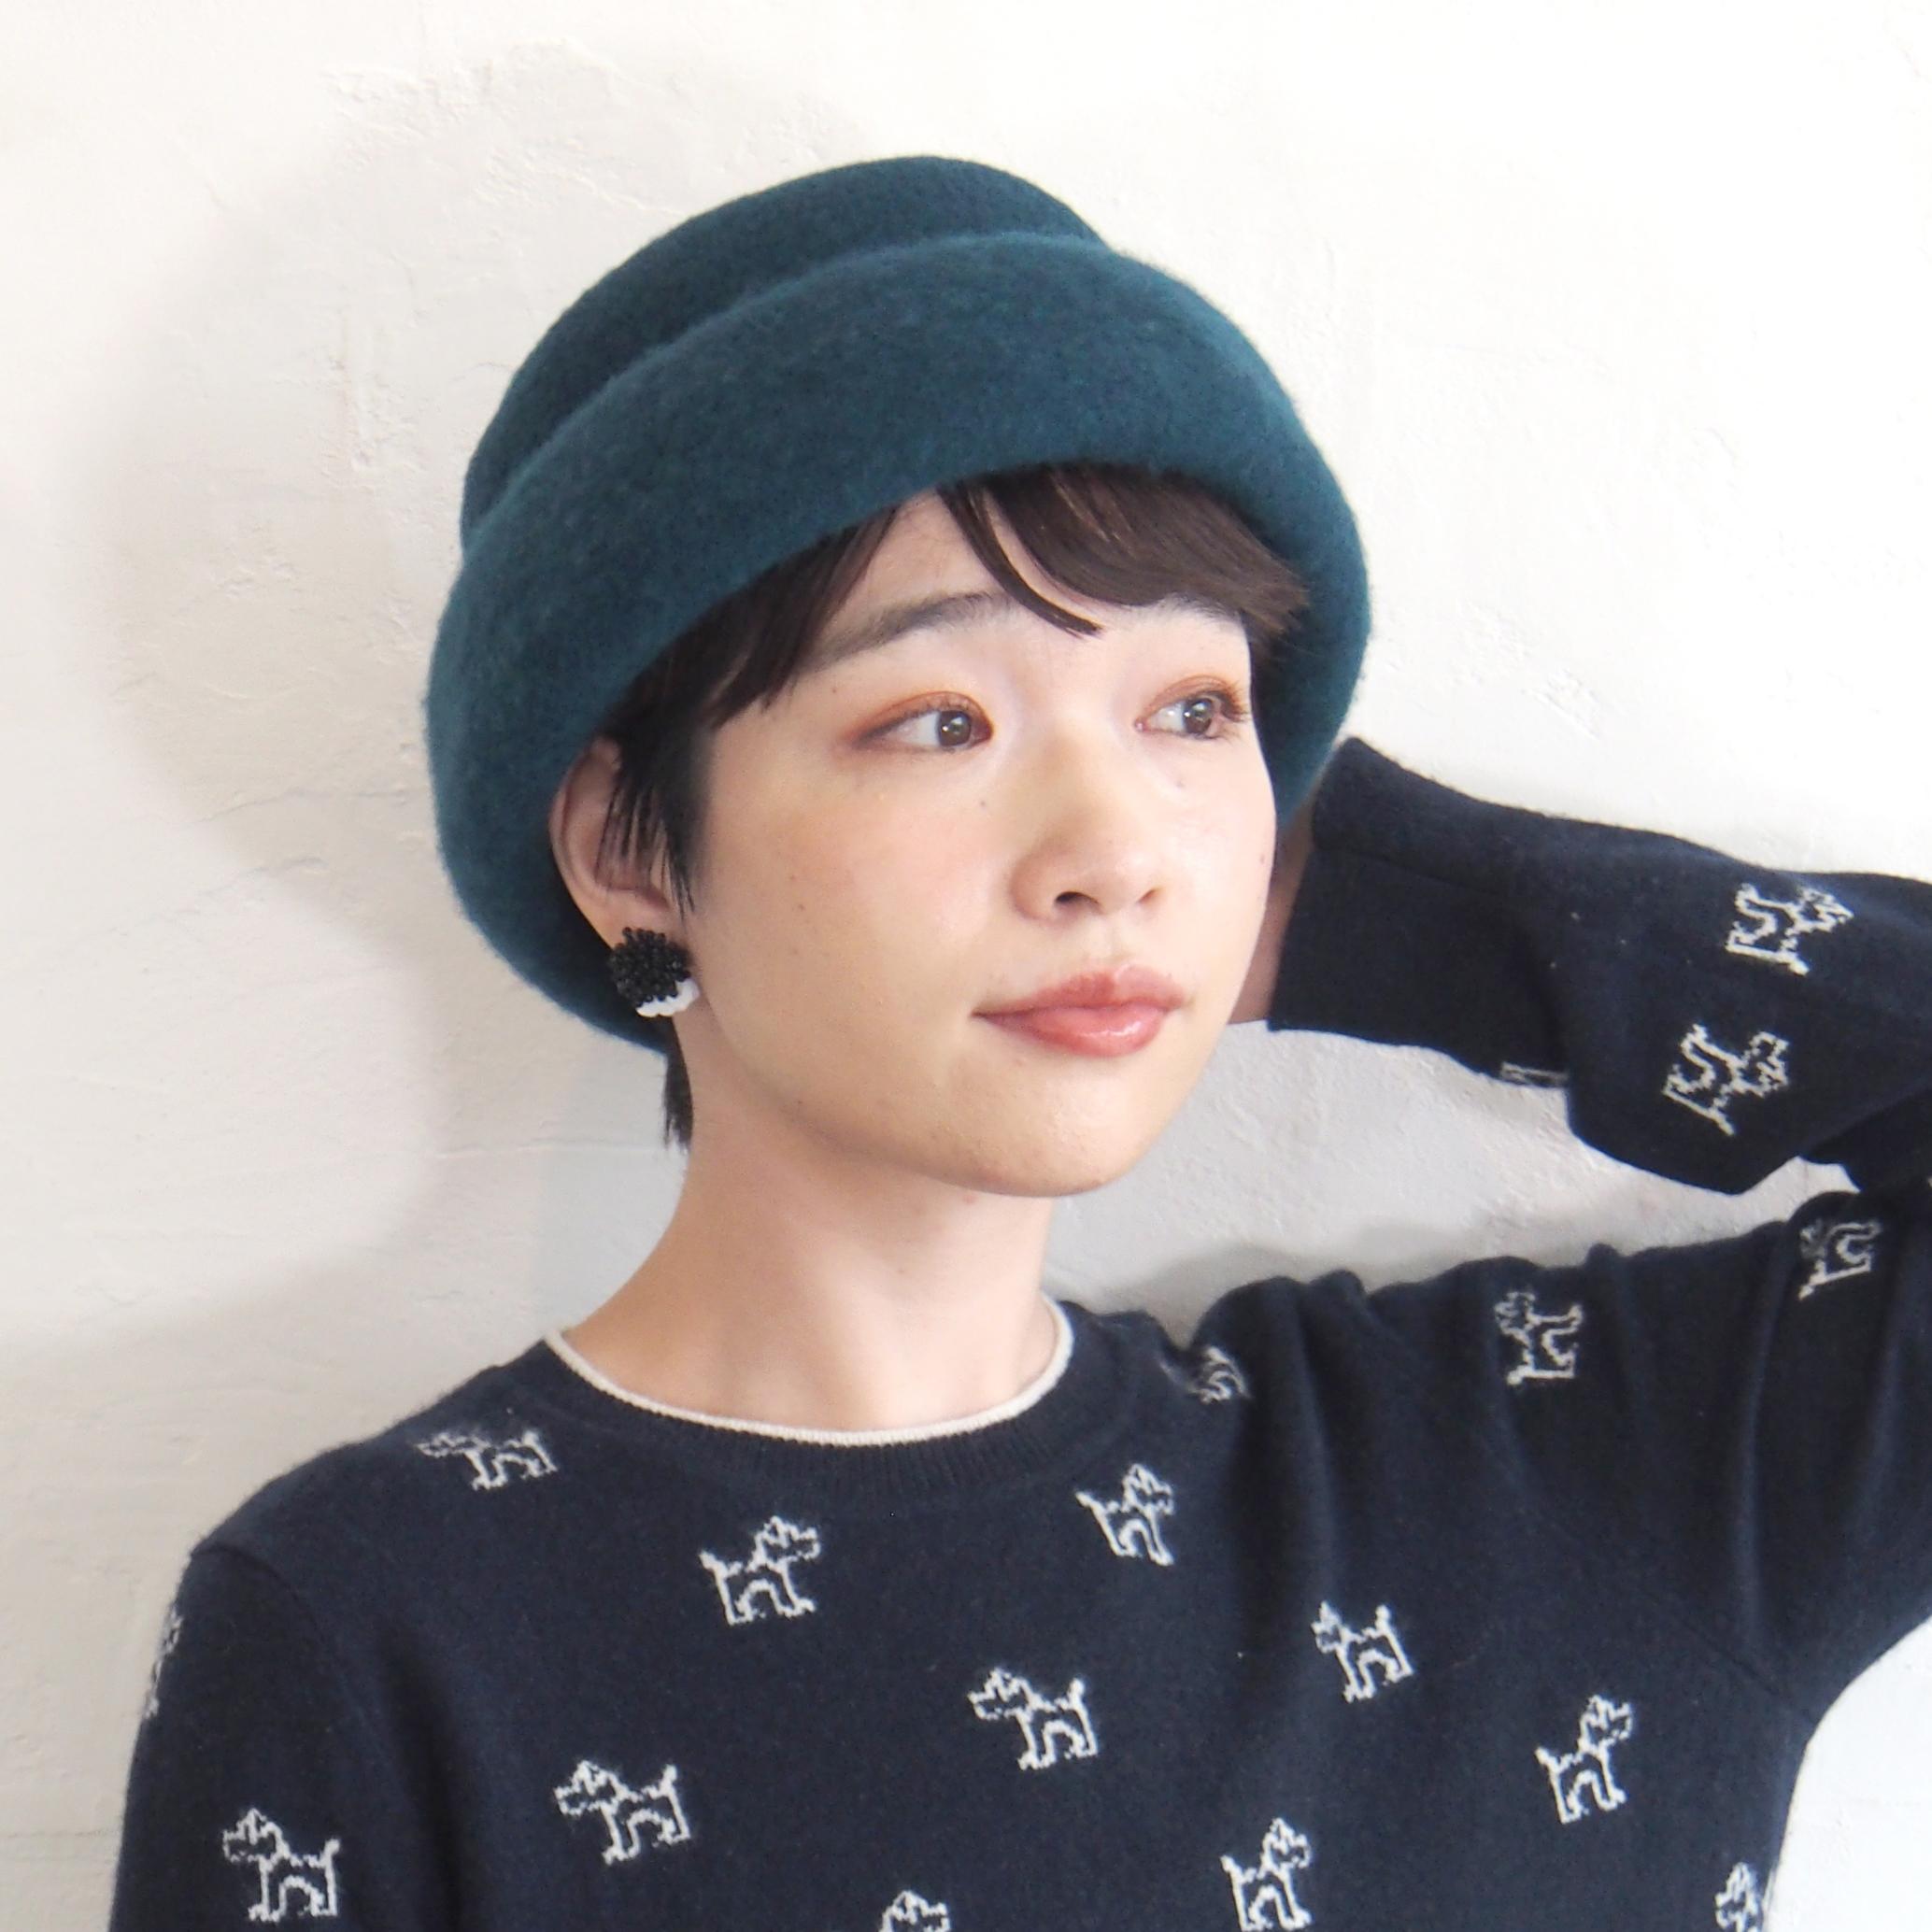 【BuLuKa(ブルカ)】アレンジバケットハット(4WAYHAT) 81-3307